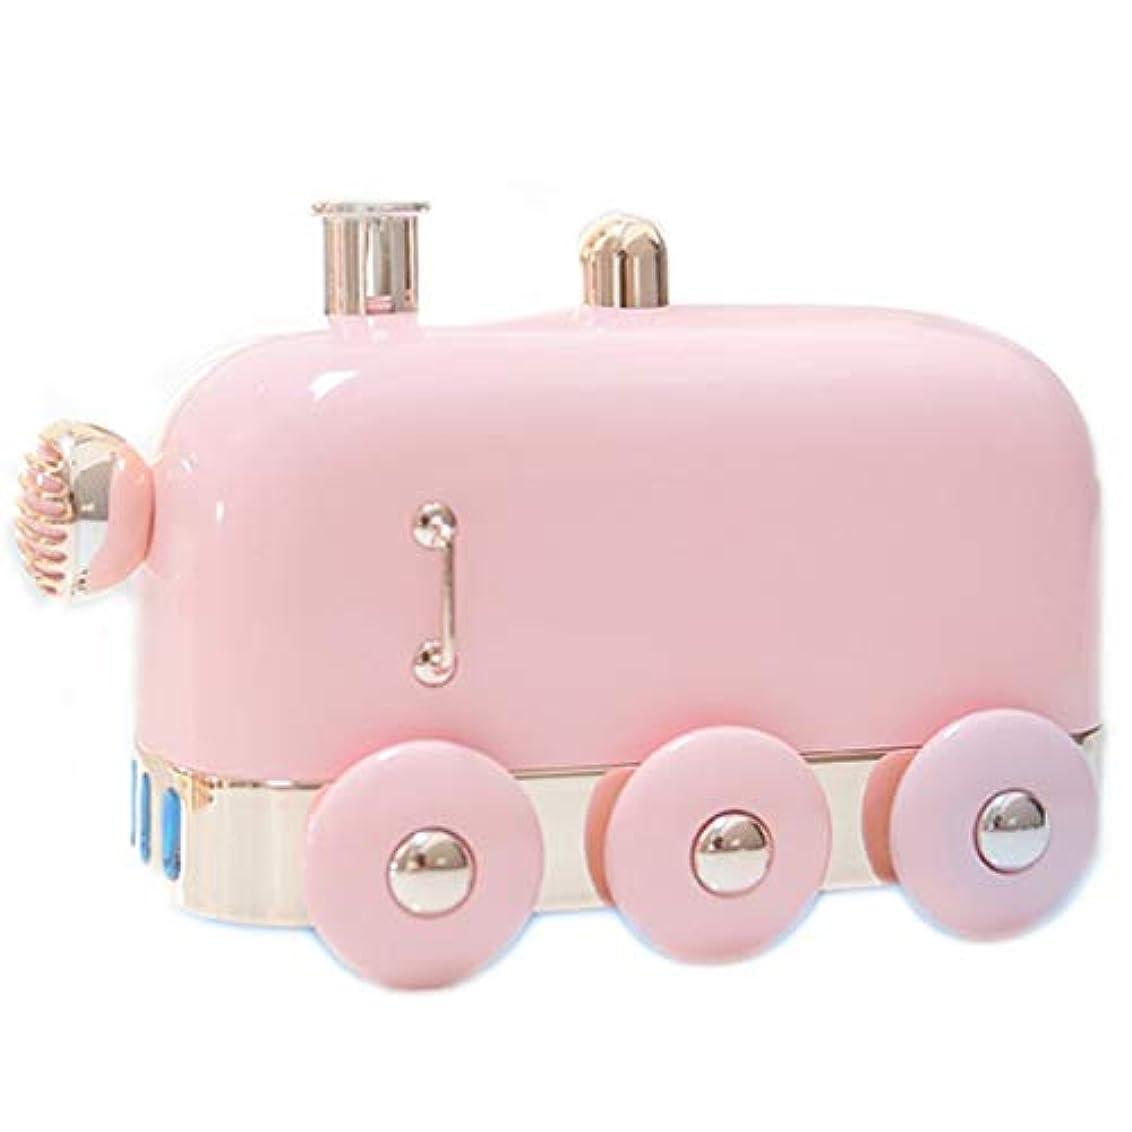 ロケーション裁量口述アロマセラピーエッセンシャルオイルディフューザー、アロマディフューザークールミスト加湿器ウォーターレスオートシャットオフホームオフィス用ヨガ (Color : Pink)